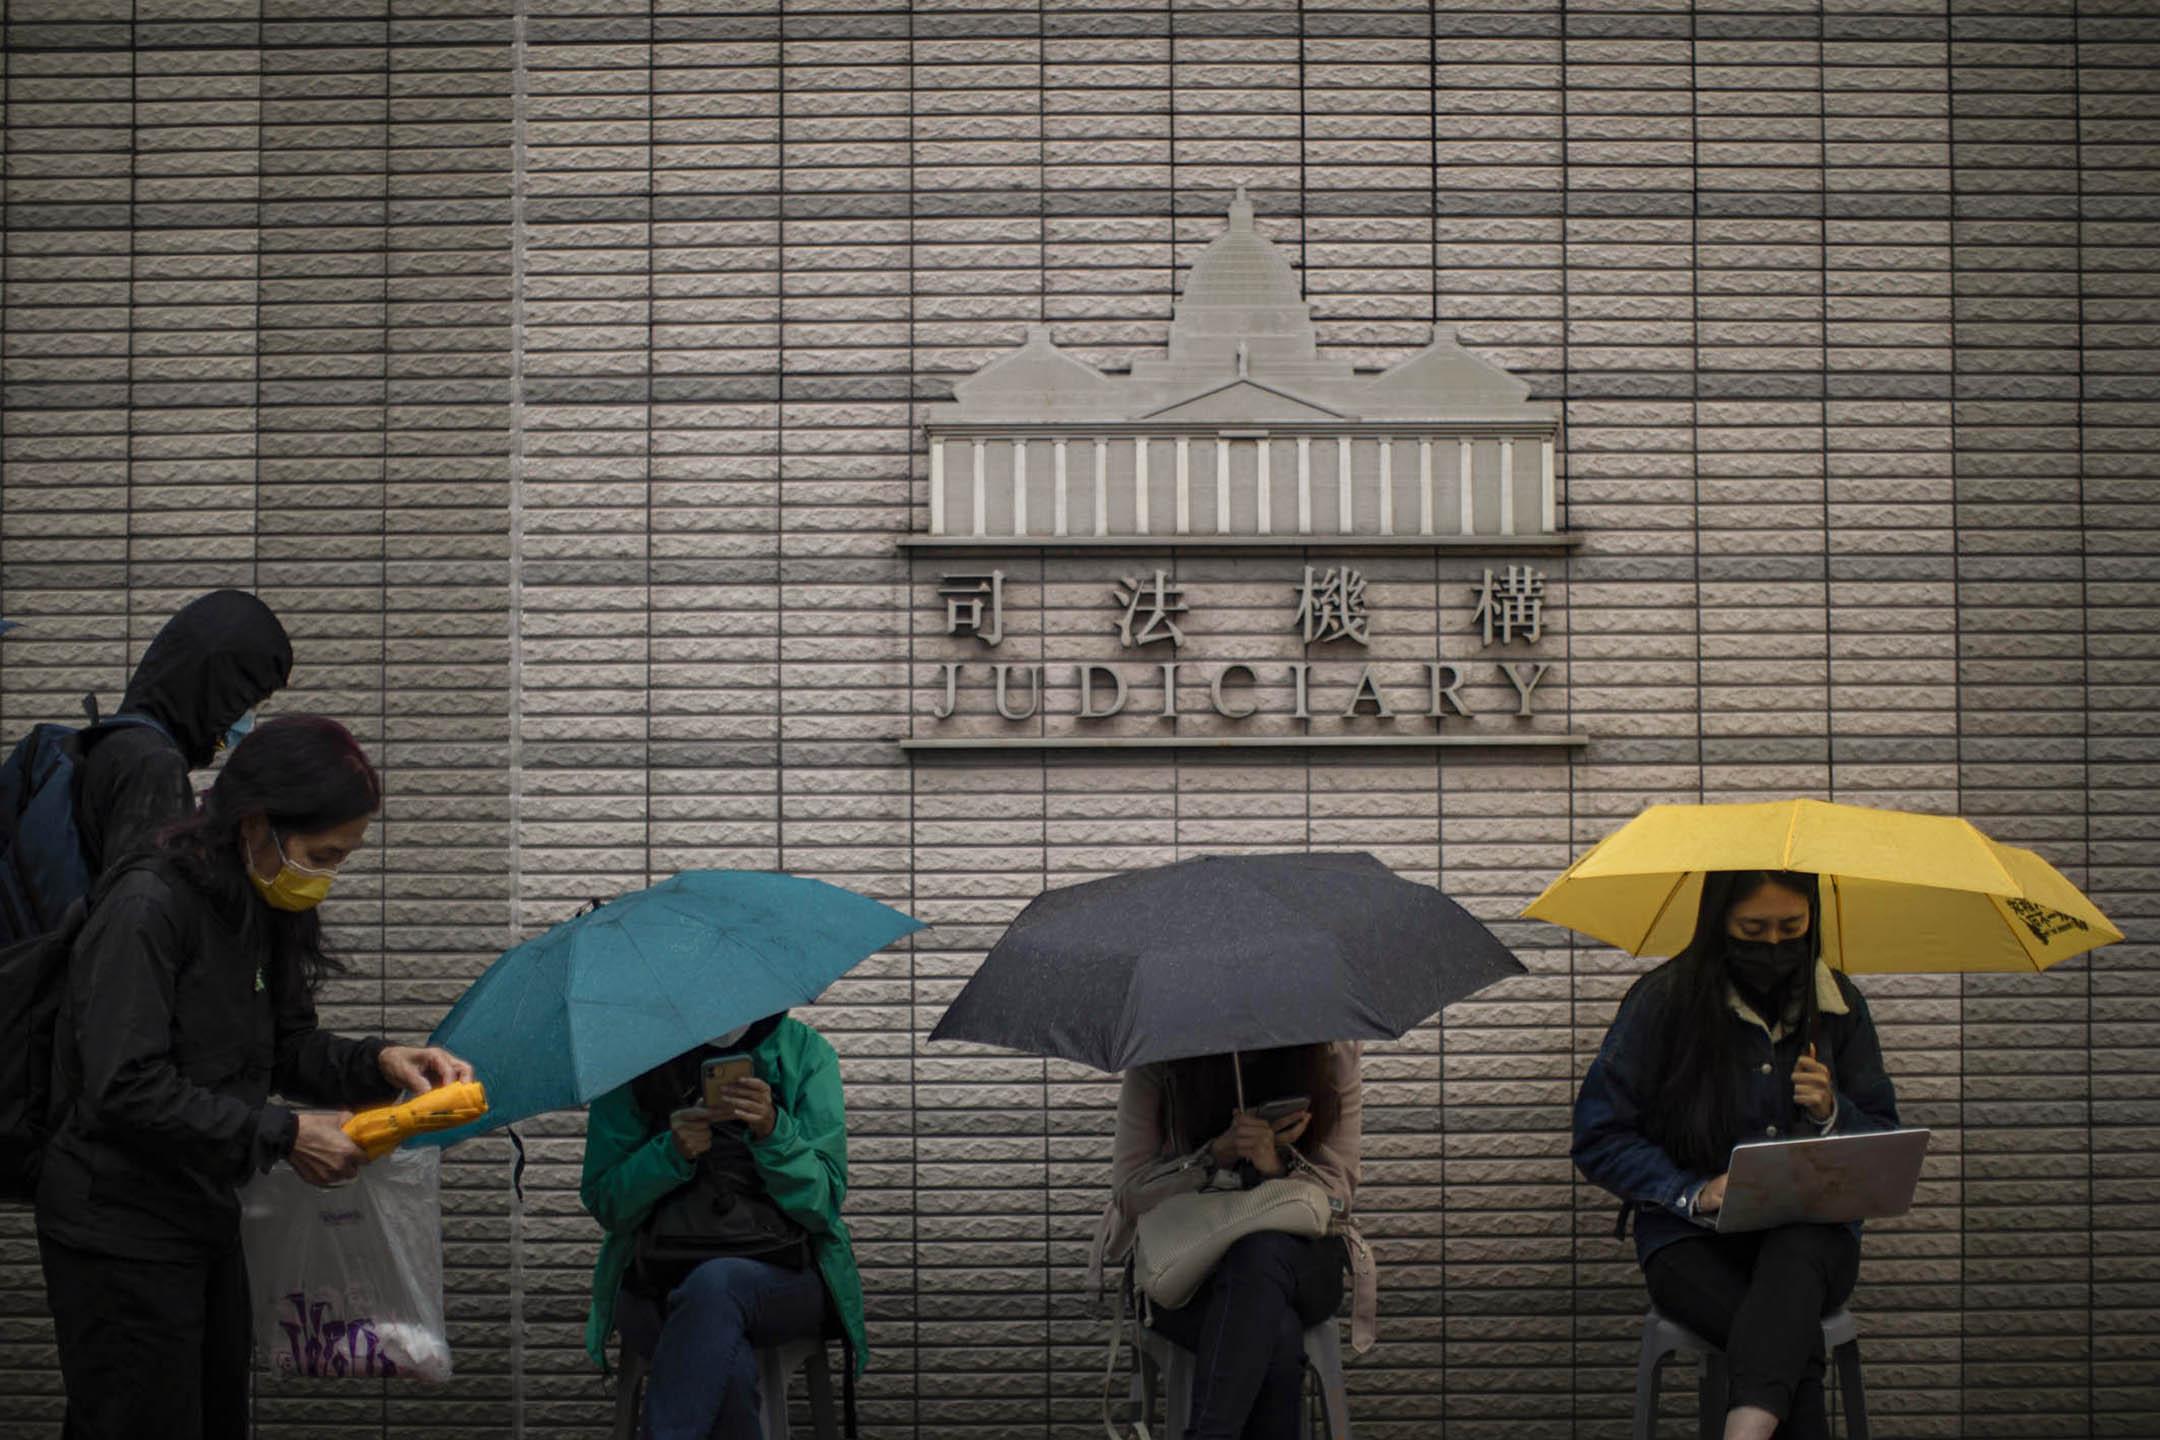 2021年3月3日西九龍裁判法院外,市民排隊進法庭聽審。